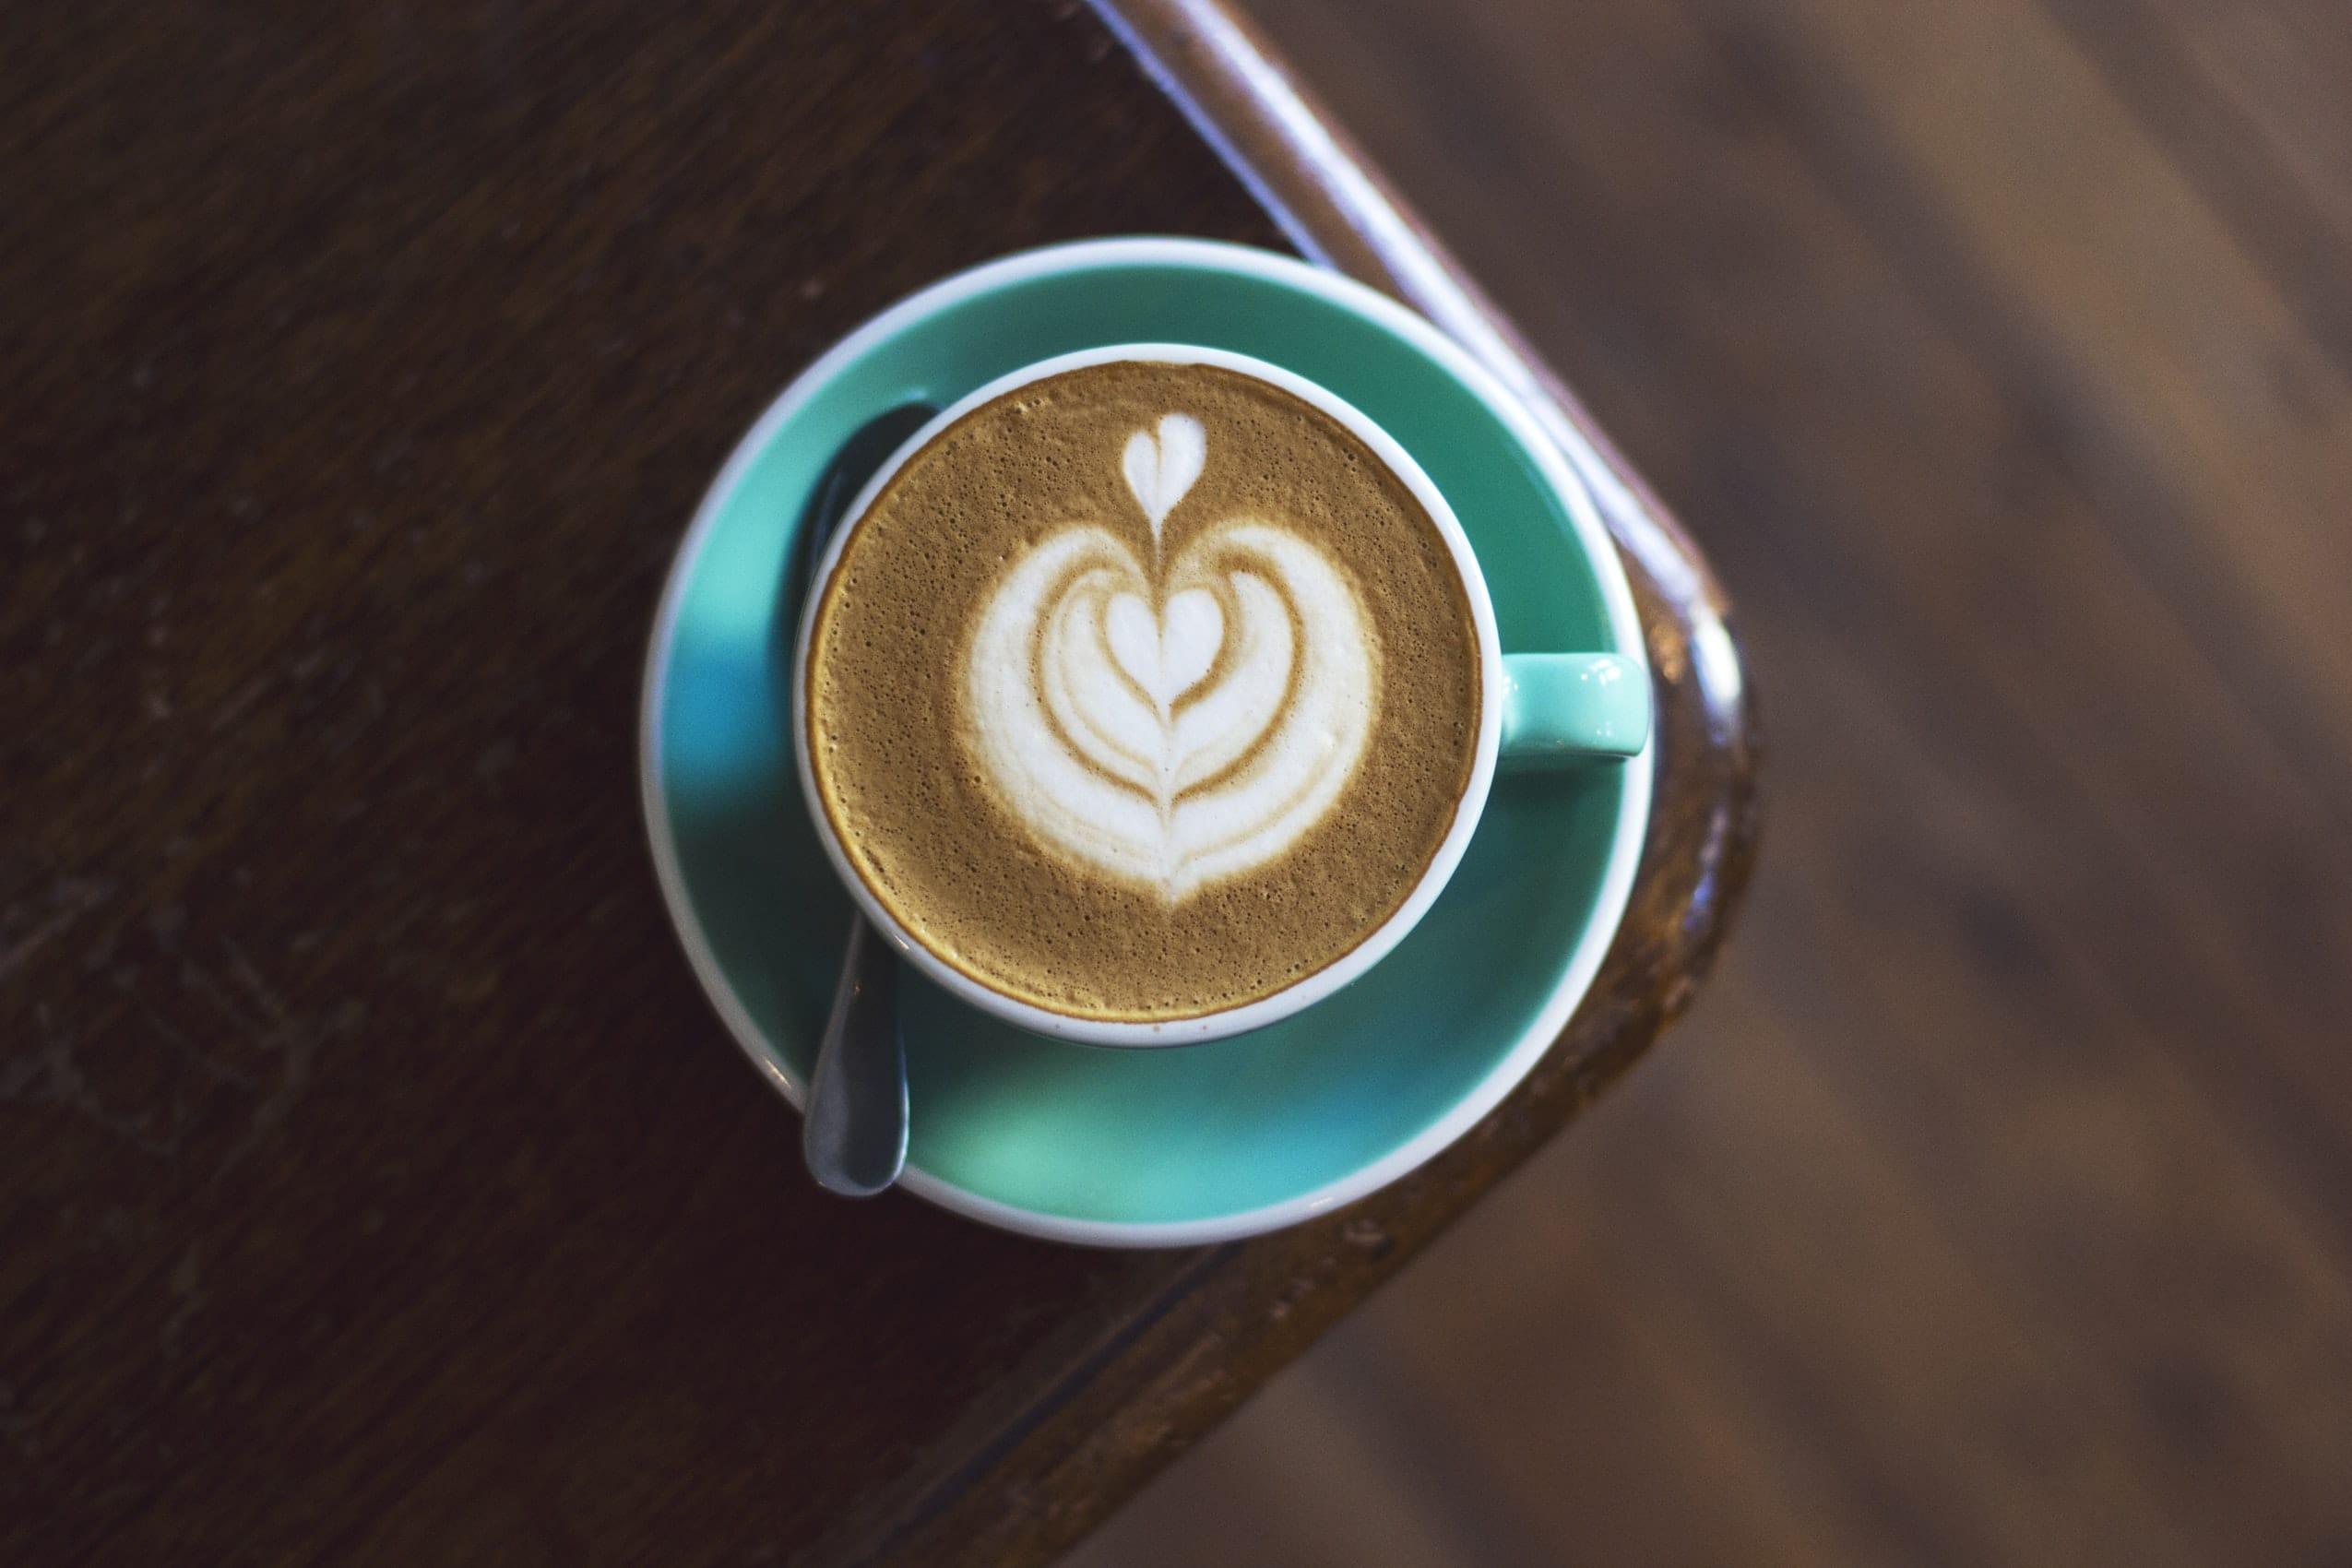 Wirkung von Koffein und Soda Bikarbonat